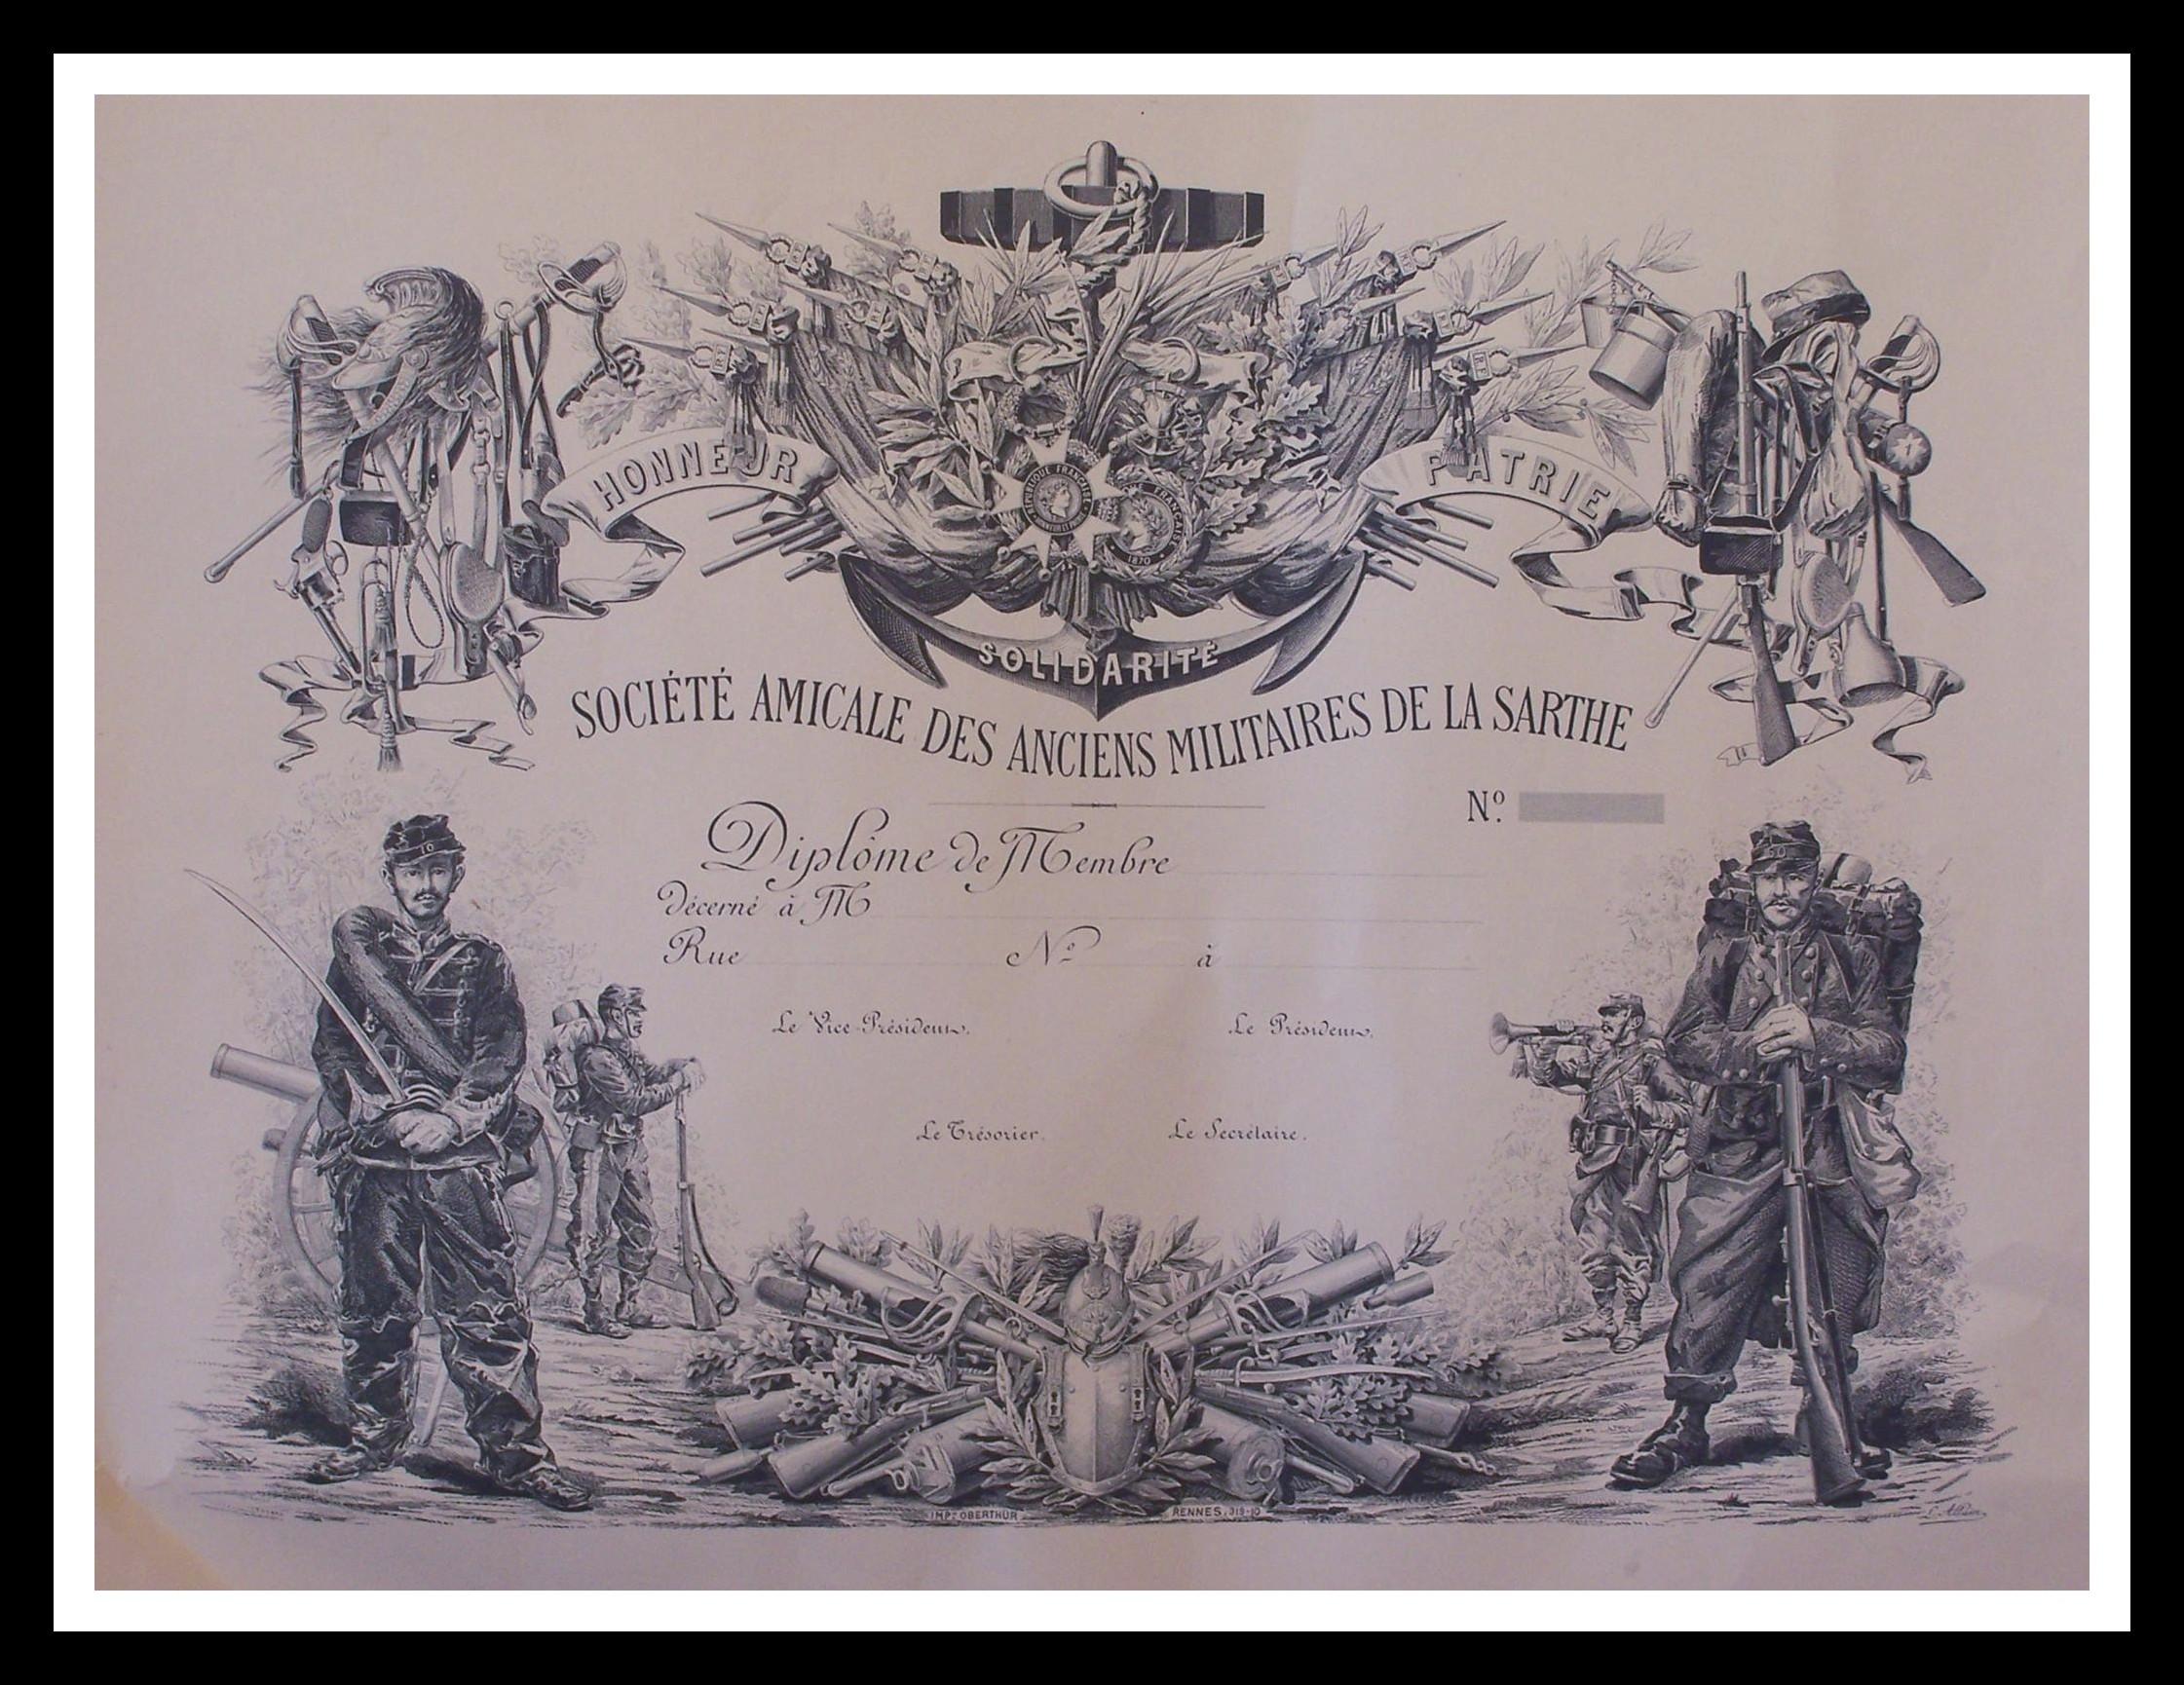 Militaires - Décorations et distinctions - Diplôme de la Société Amicale des Anciens Militaires de la Sarthe (Christophe Menu dit Tahiti)